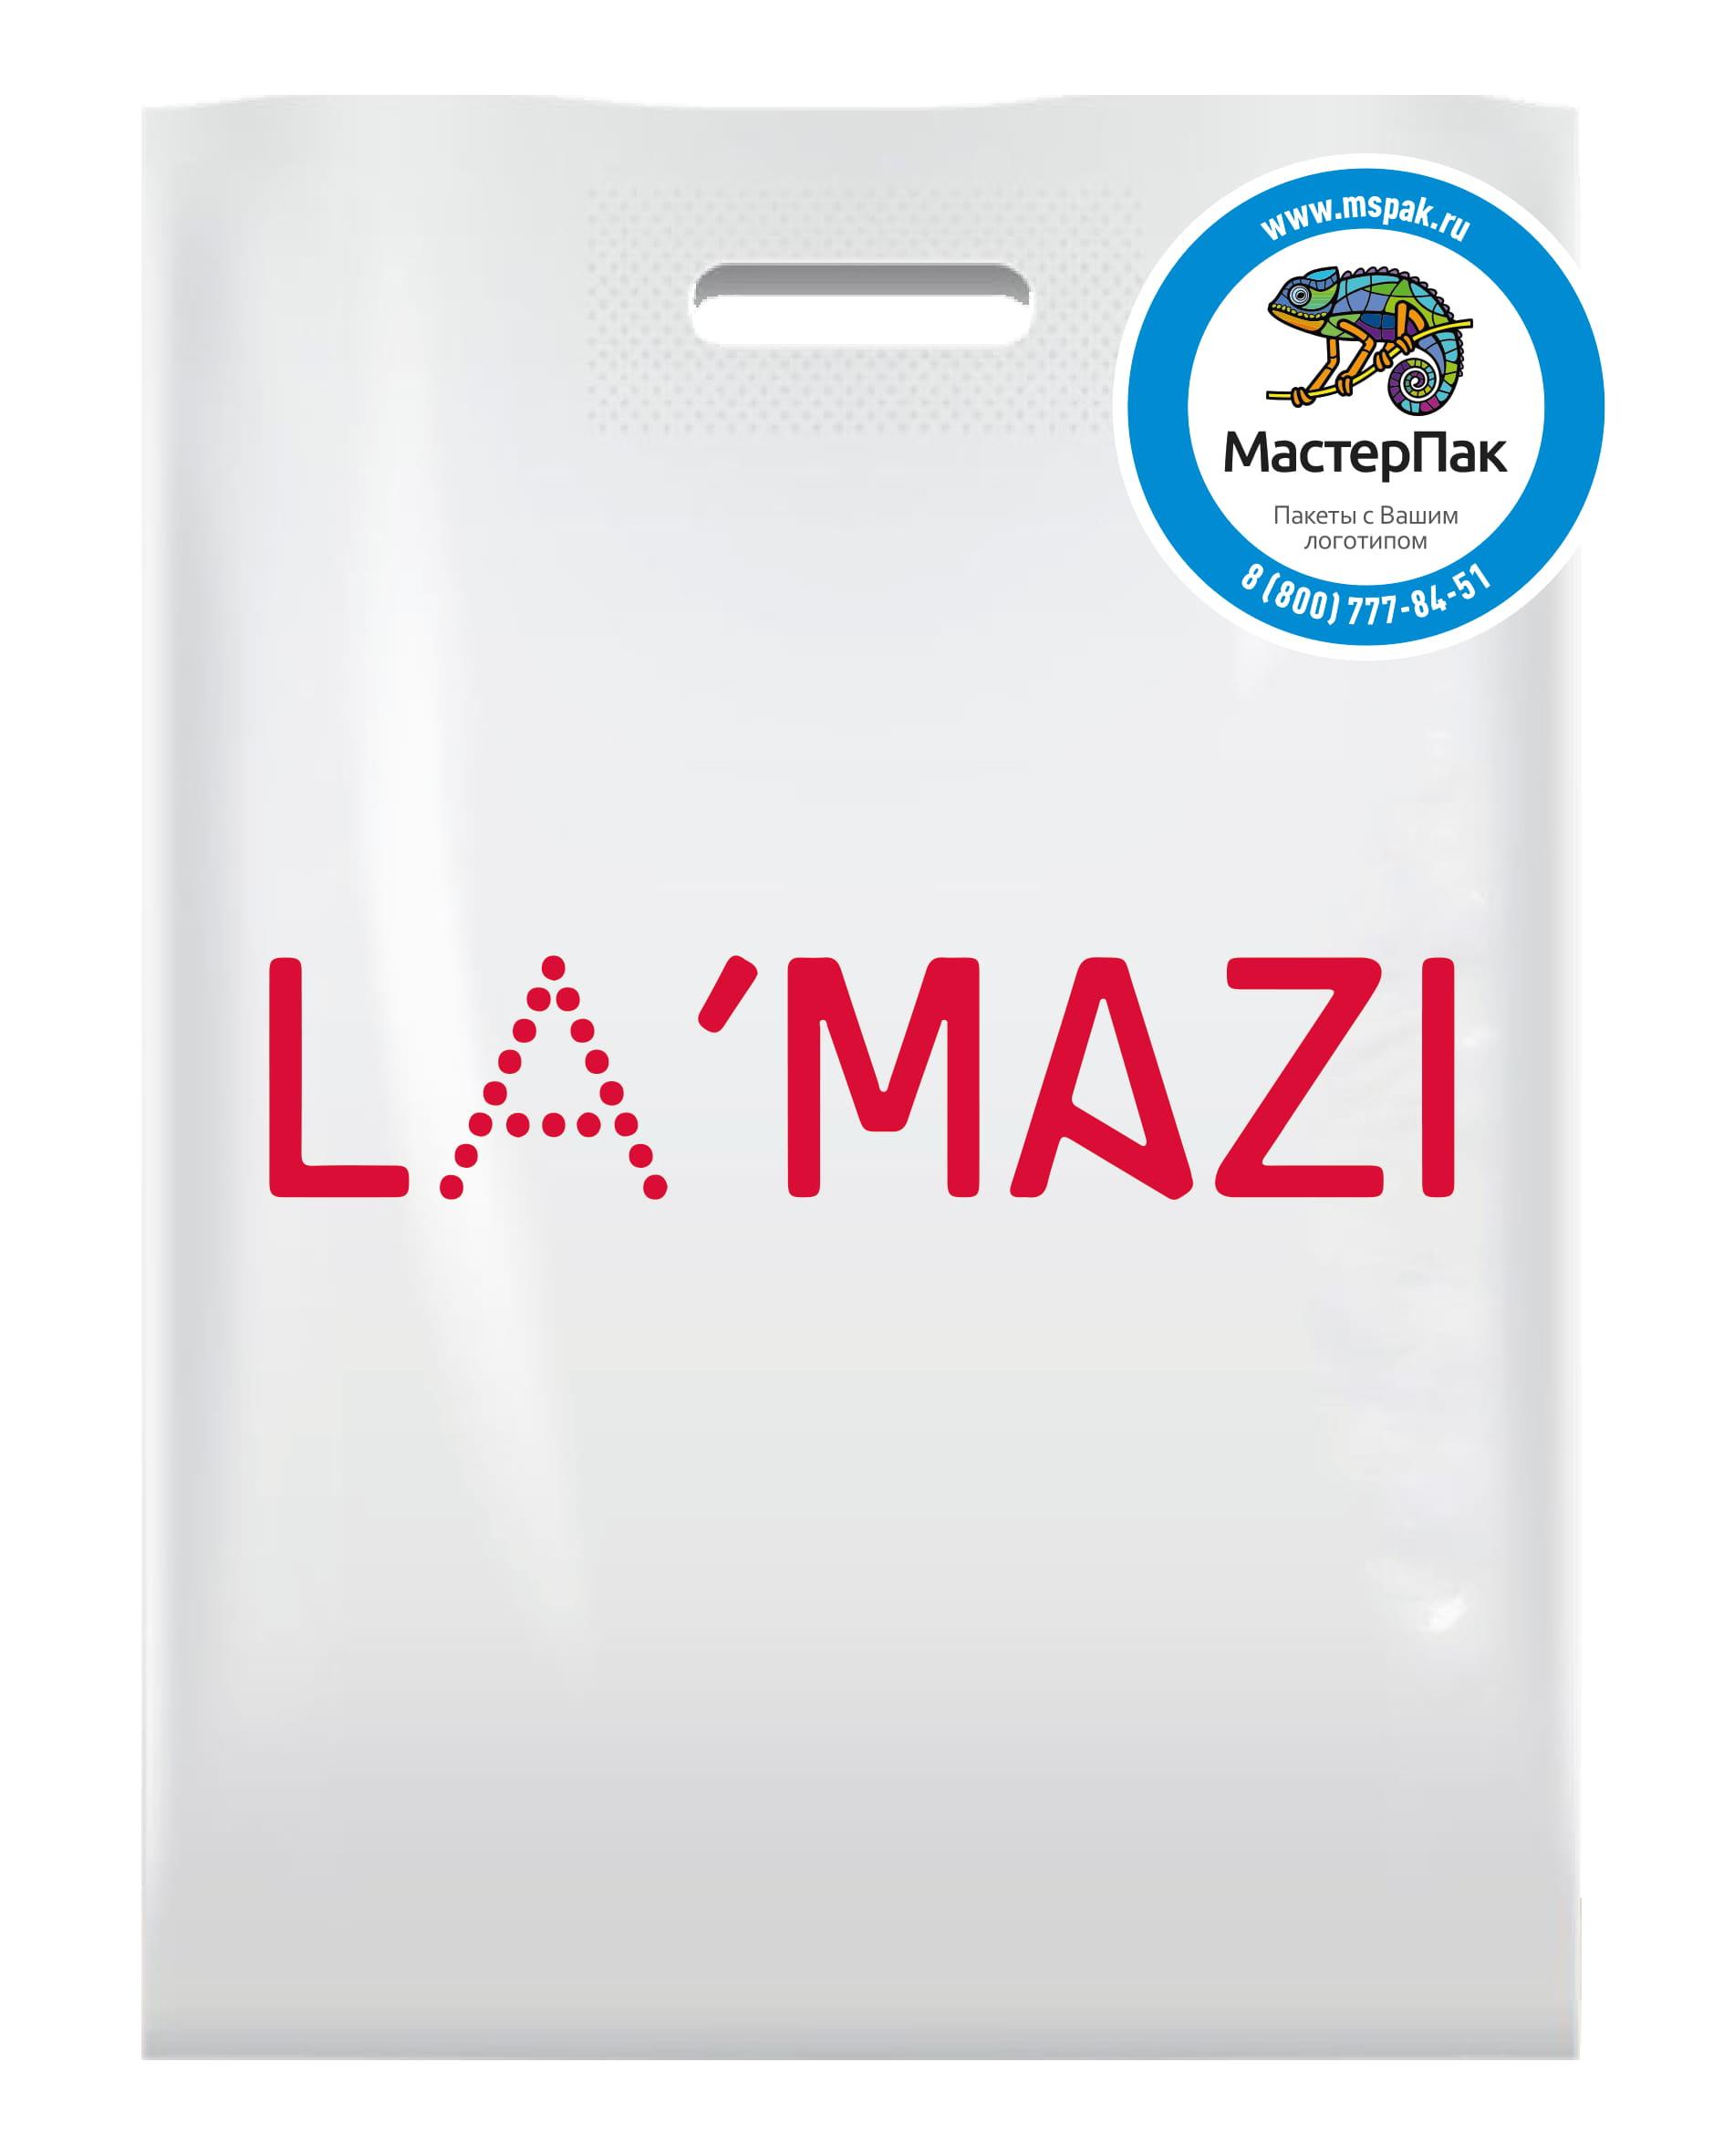 Пакет ПВД под заказ с логотипом салона обуви LaMazi, Ростов-на-Дону